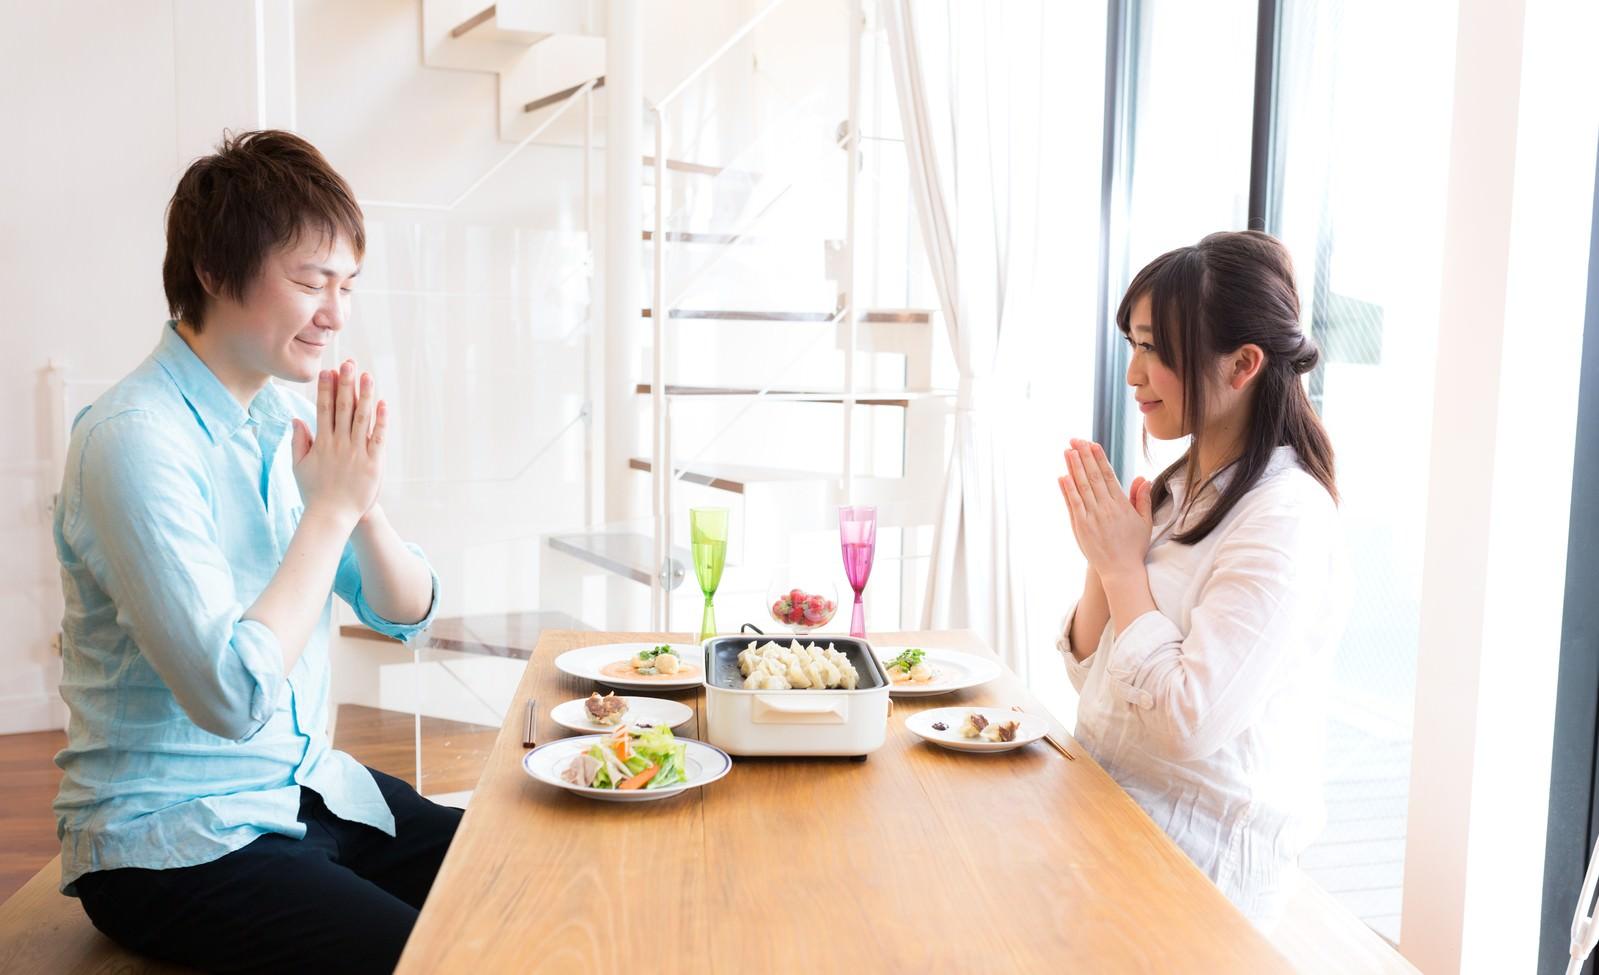 日本人饭前饭后说【いただきます】【ごちそうさま】究竟有什么用?背后的深意惹人深思